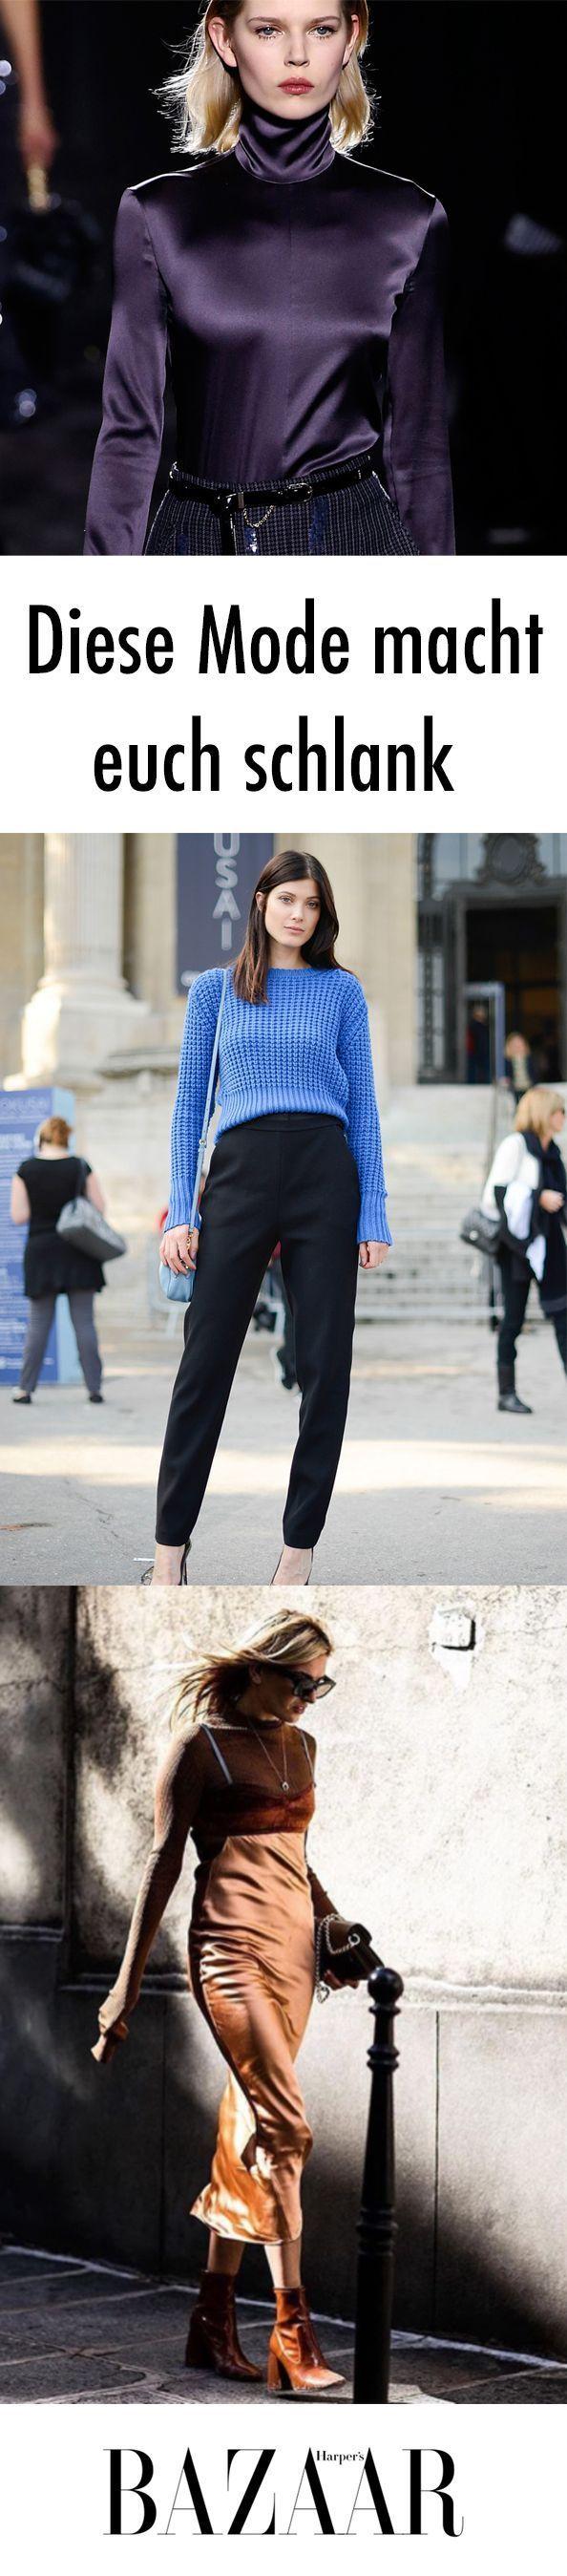 Wenn Mode schlank und Diäten damit überflüssig macht#outfits#für #frauen#dam